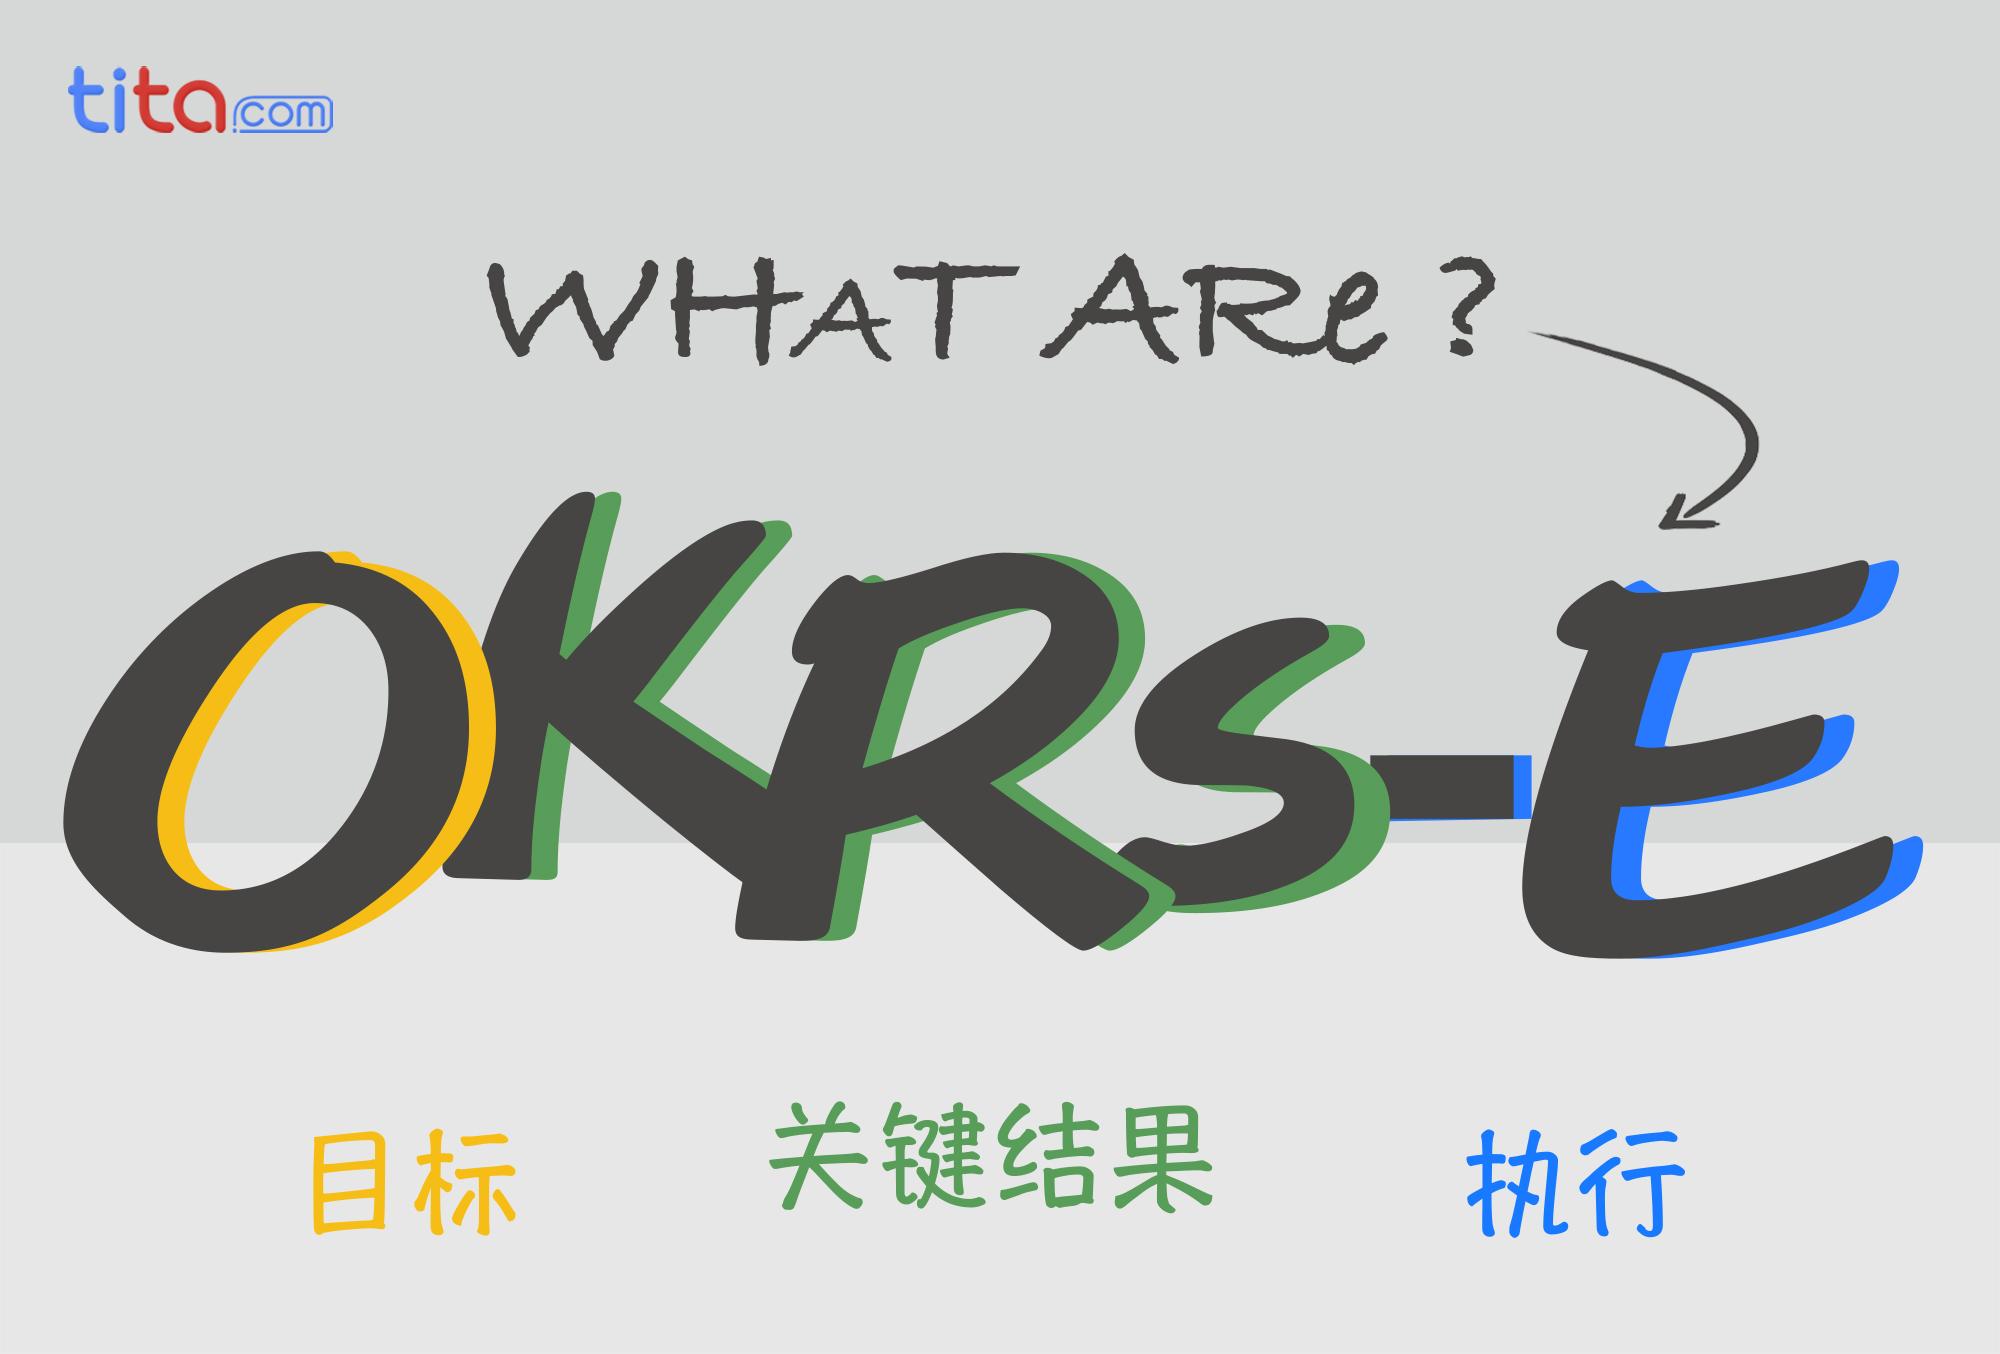 OKR教练技术:OKR强调定性目标与定量目标相结合